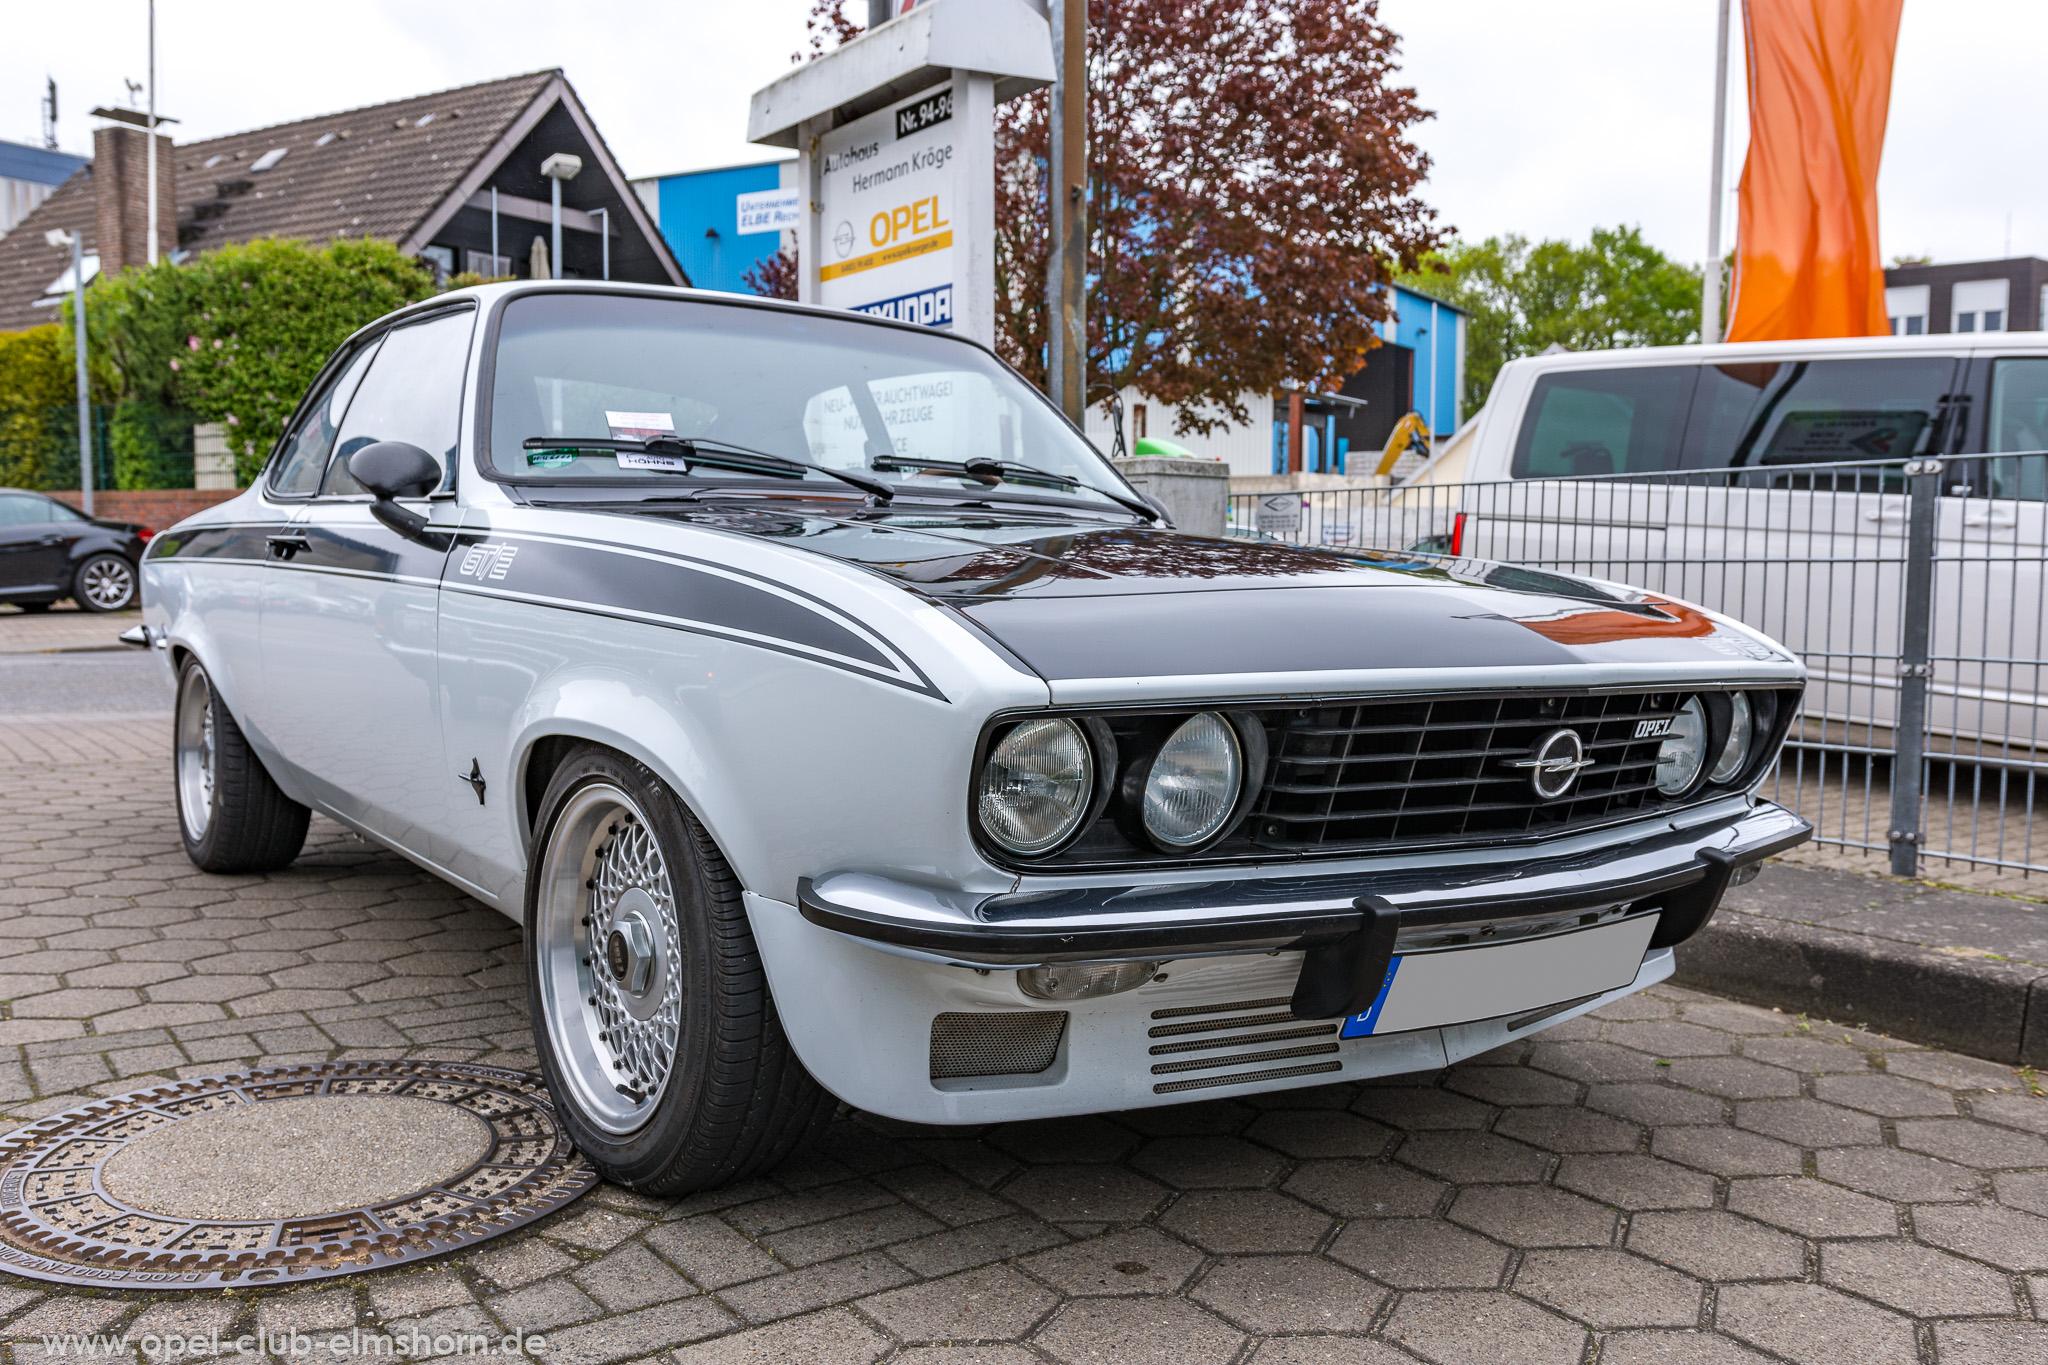 Altopeltreffen Wedel 2019 - 20190501_114326 - Opel Manta A